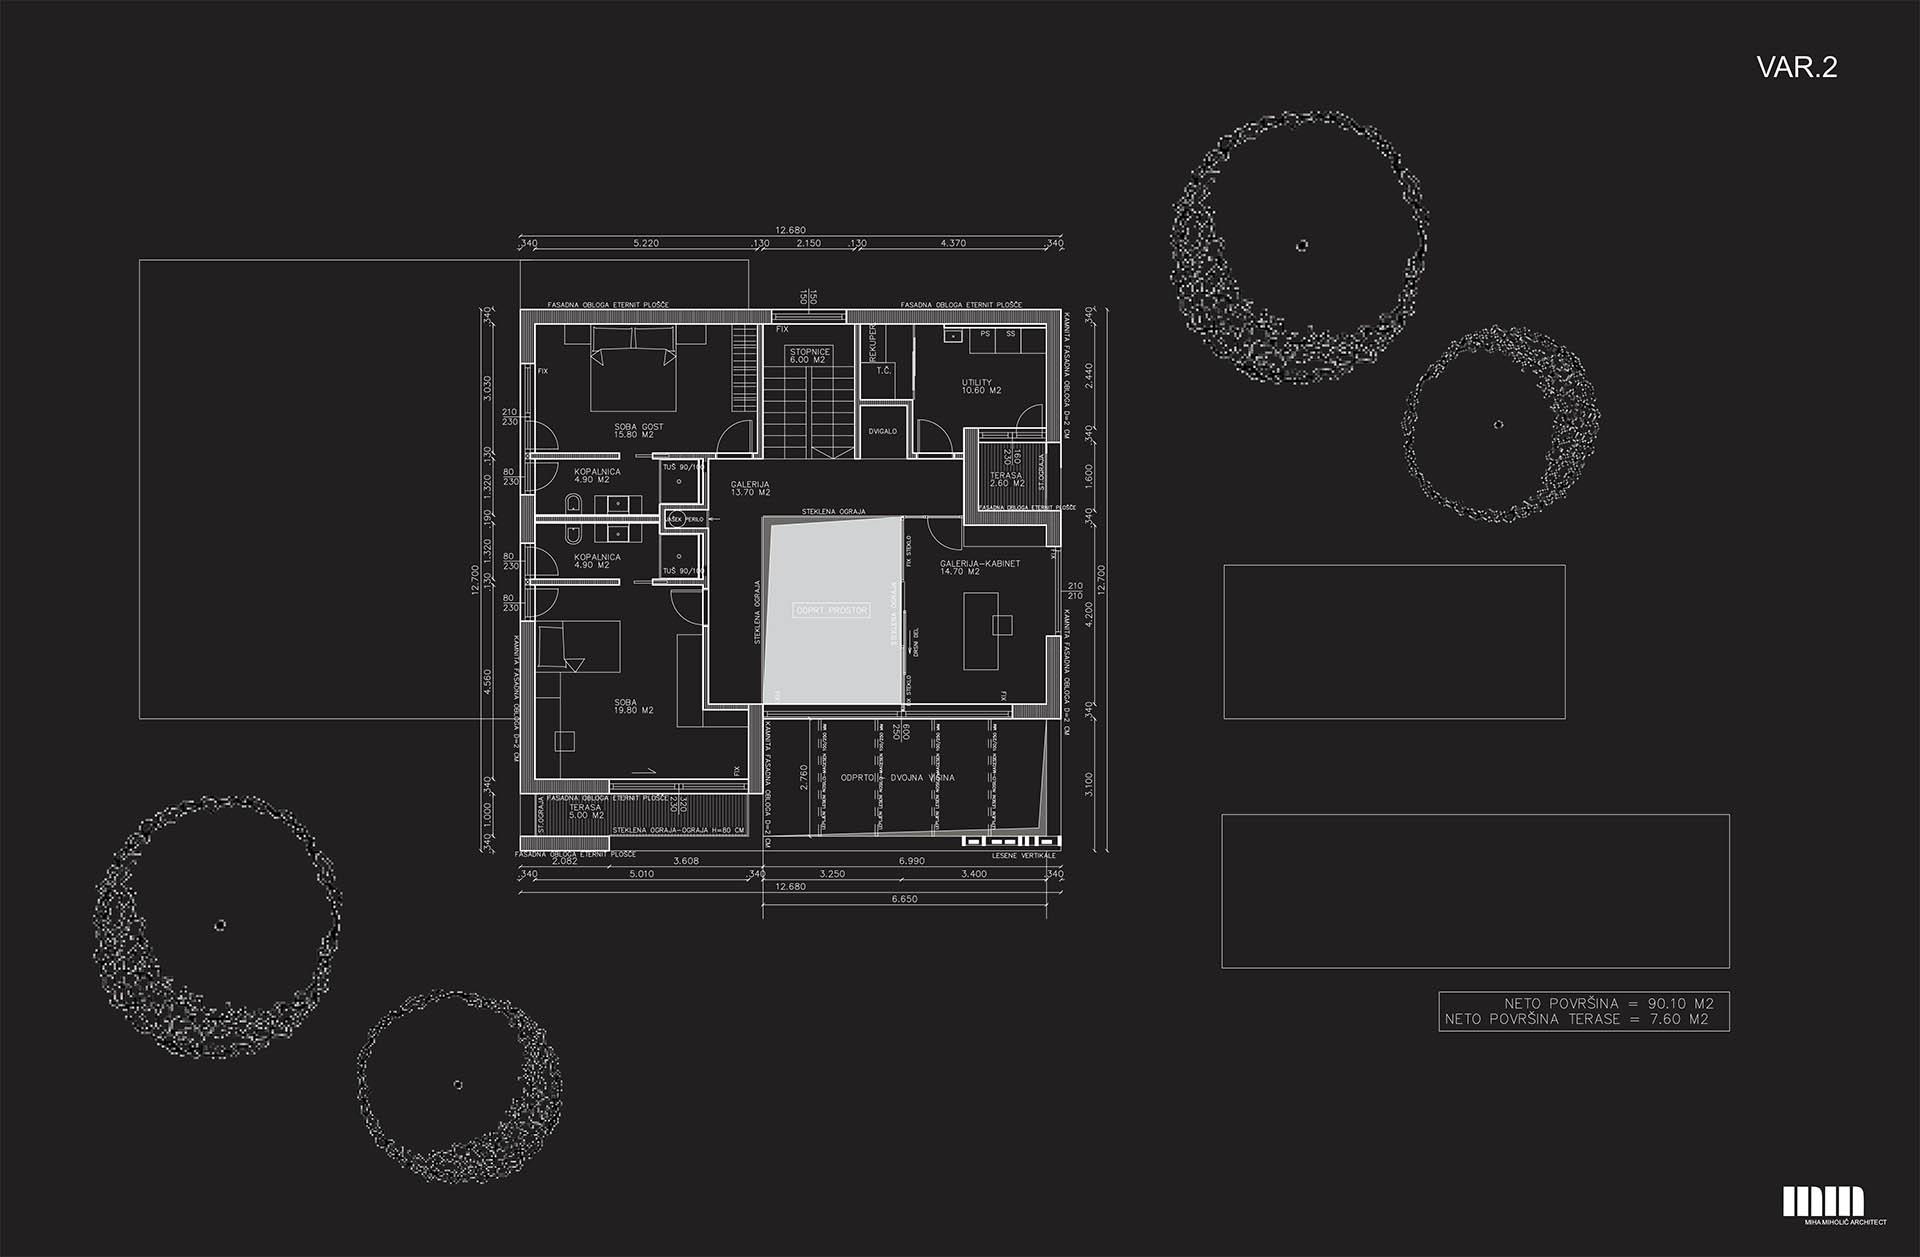 Tloris prvega nadstropja - var. 2